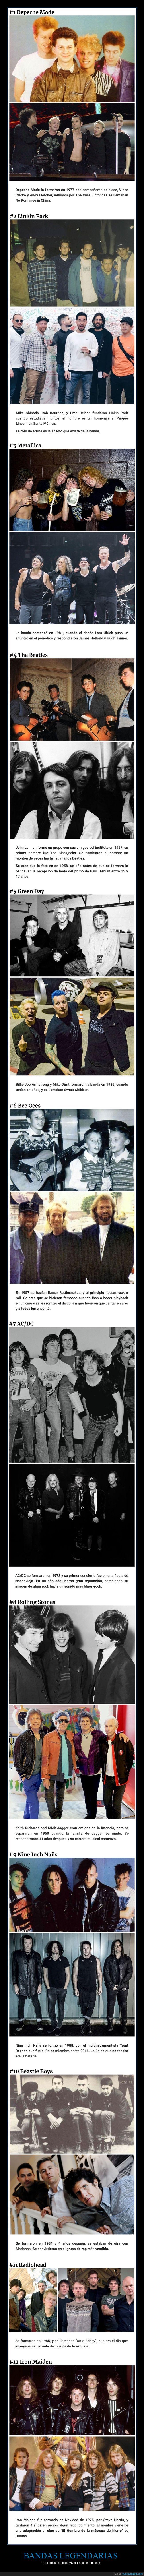 antes,bandas legendarias,después,famosos,inicios